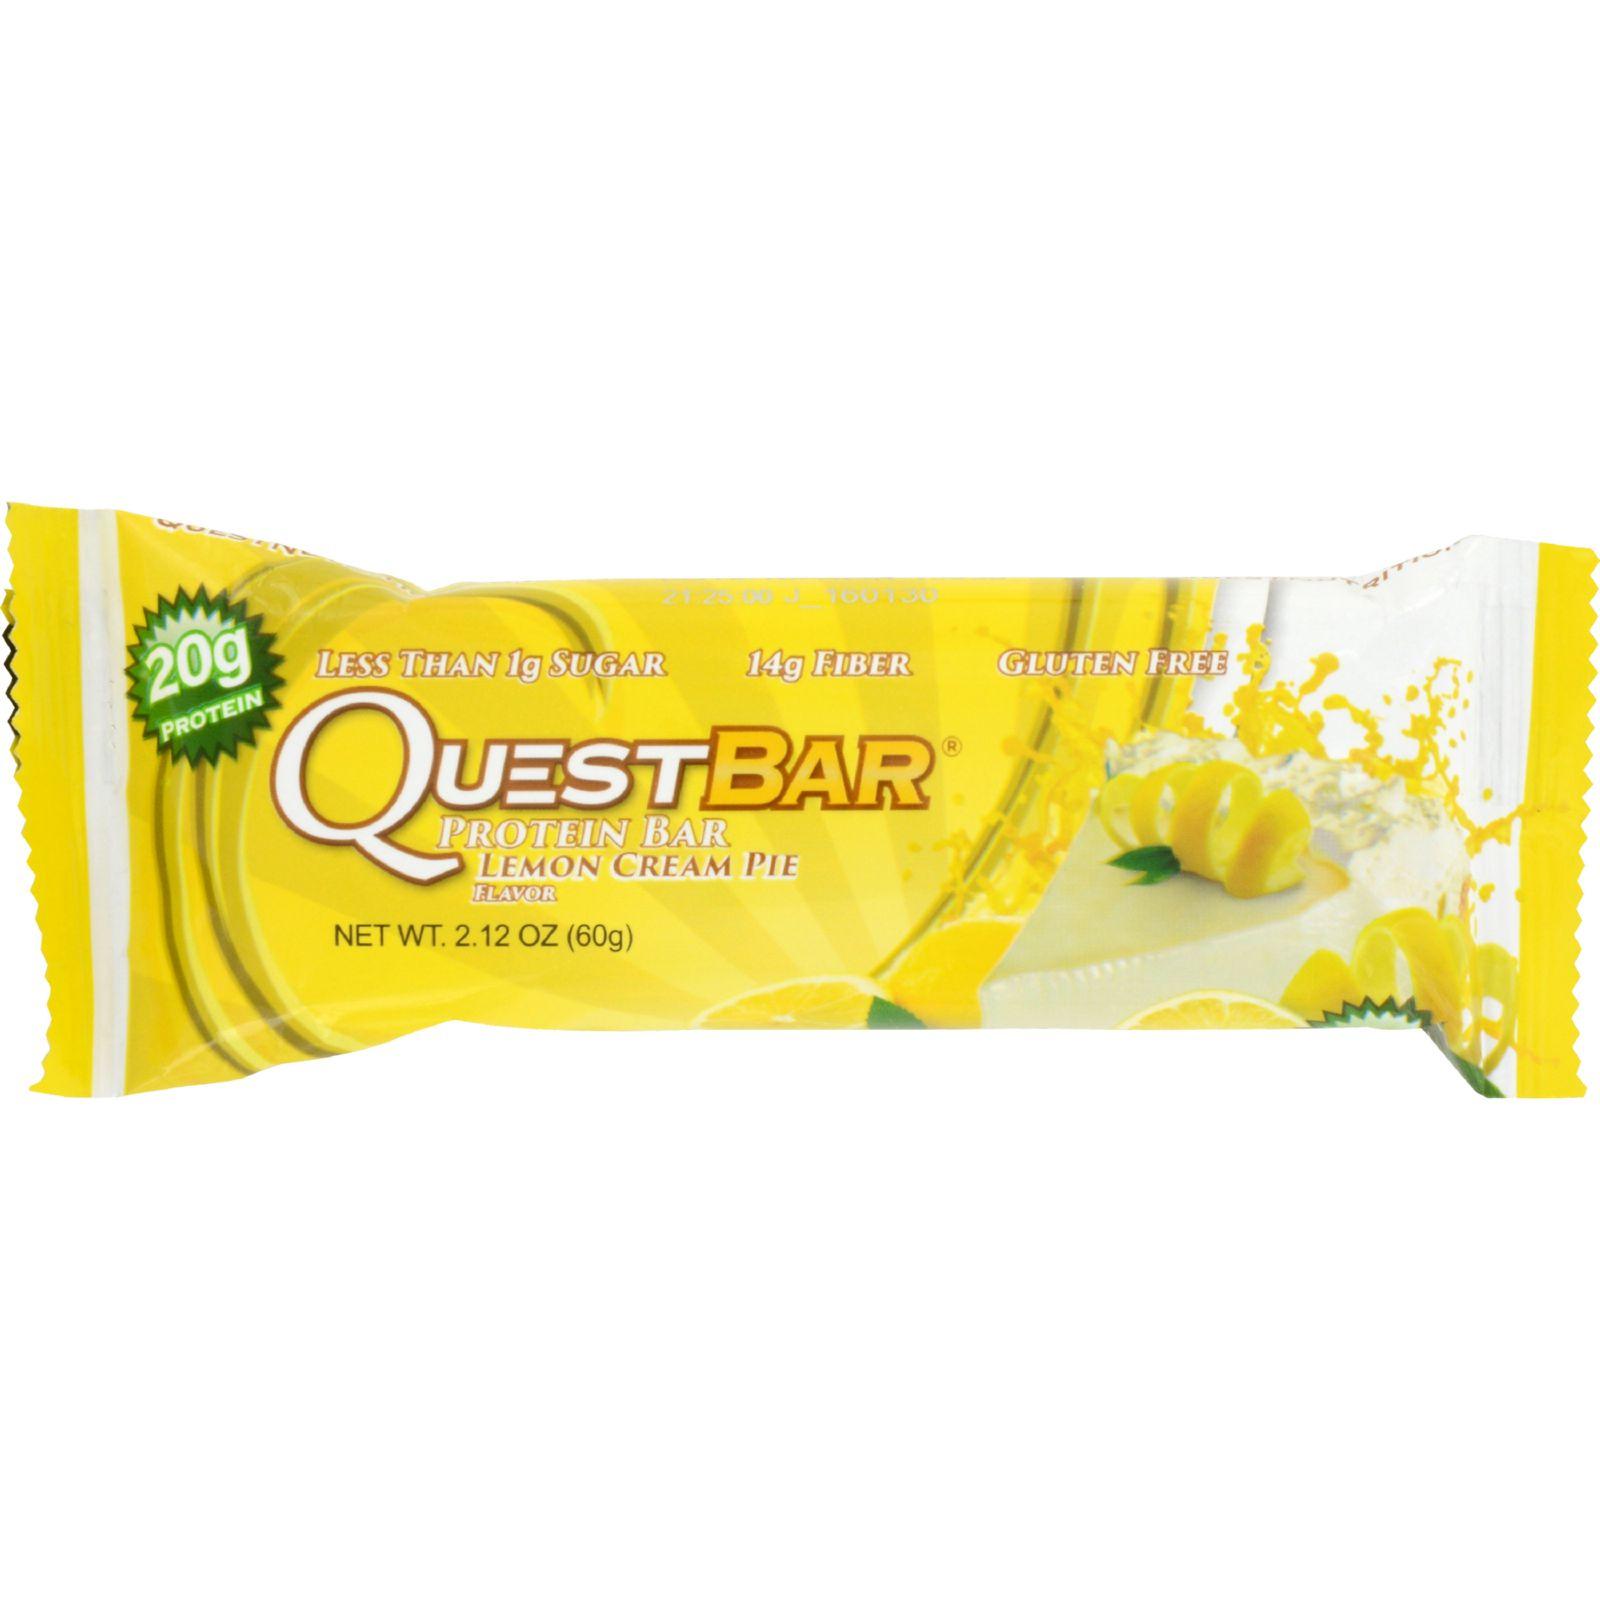 Quest Bar - Lemon Cream Pie - 2.12 Oz - Case Of 12